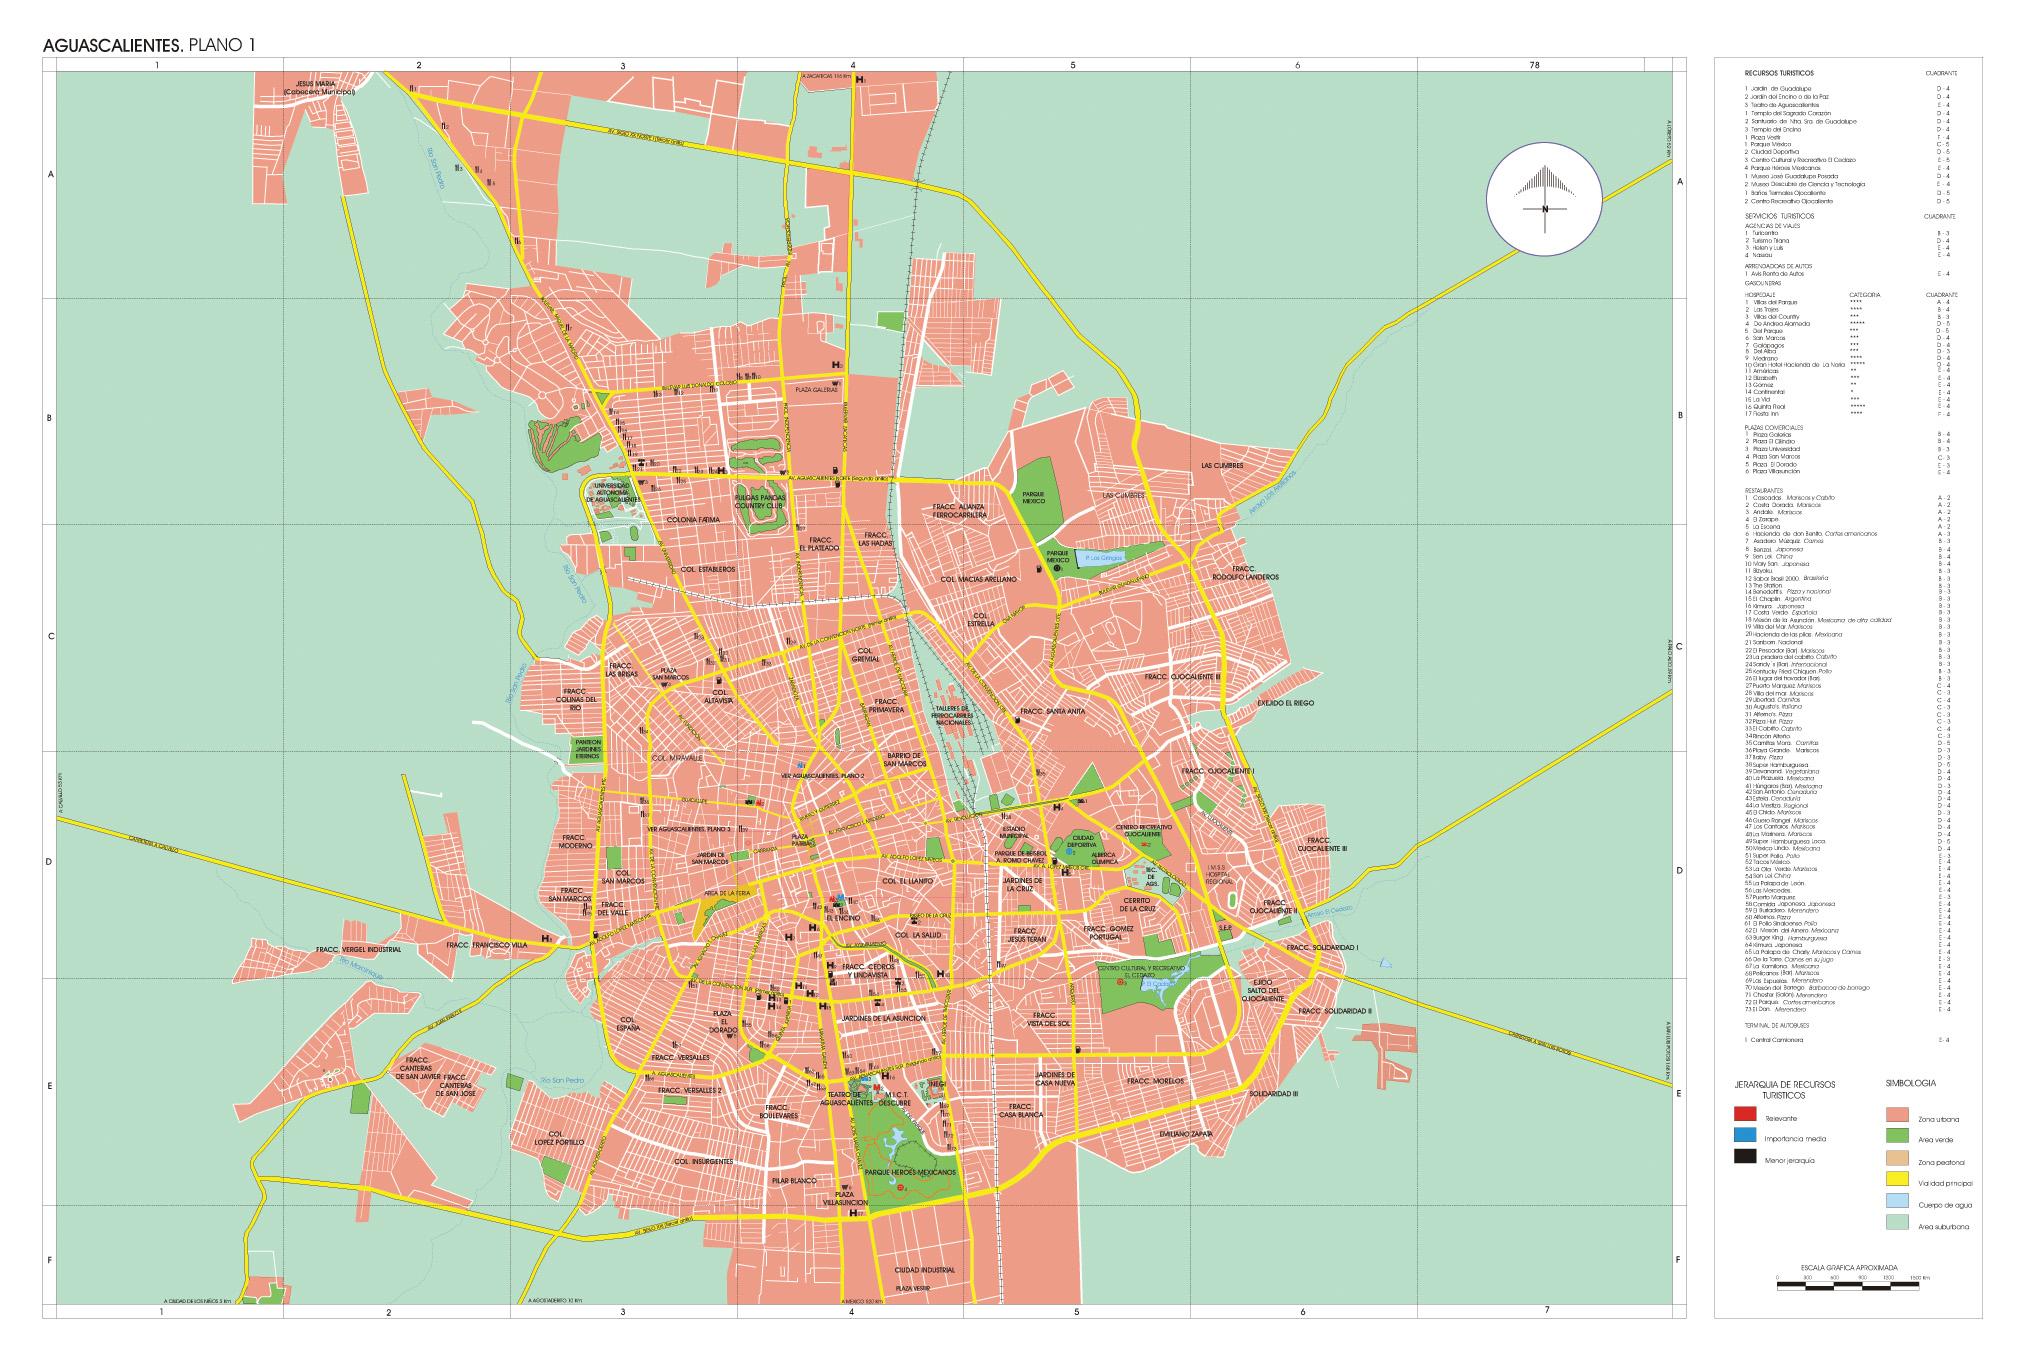 Mapa de la Ciudad de Aguascalientes, Mexico